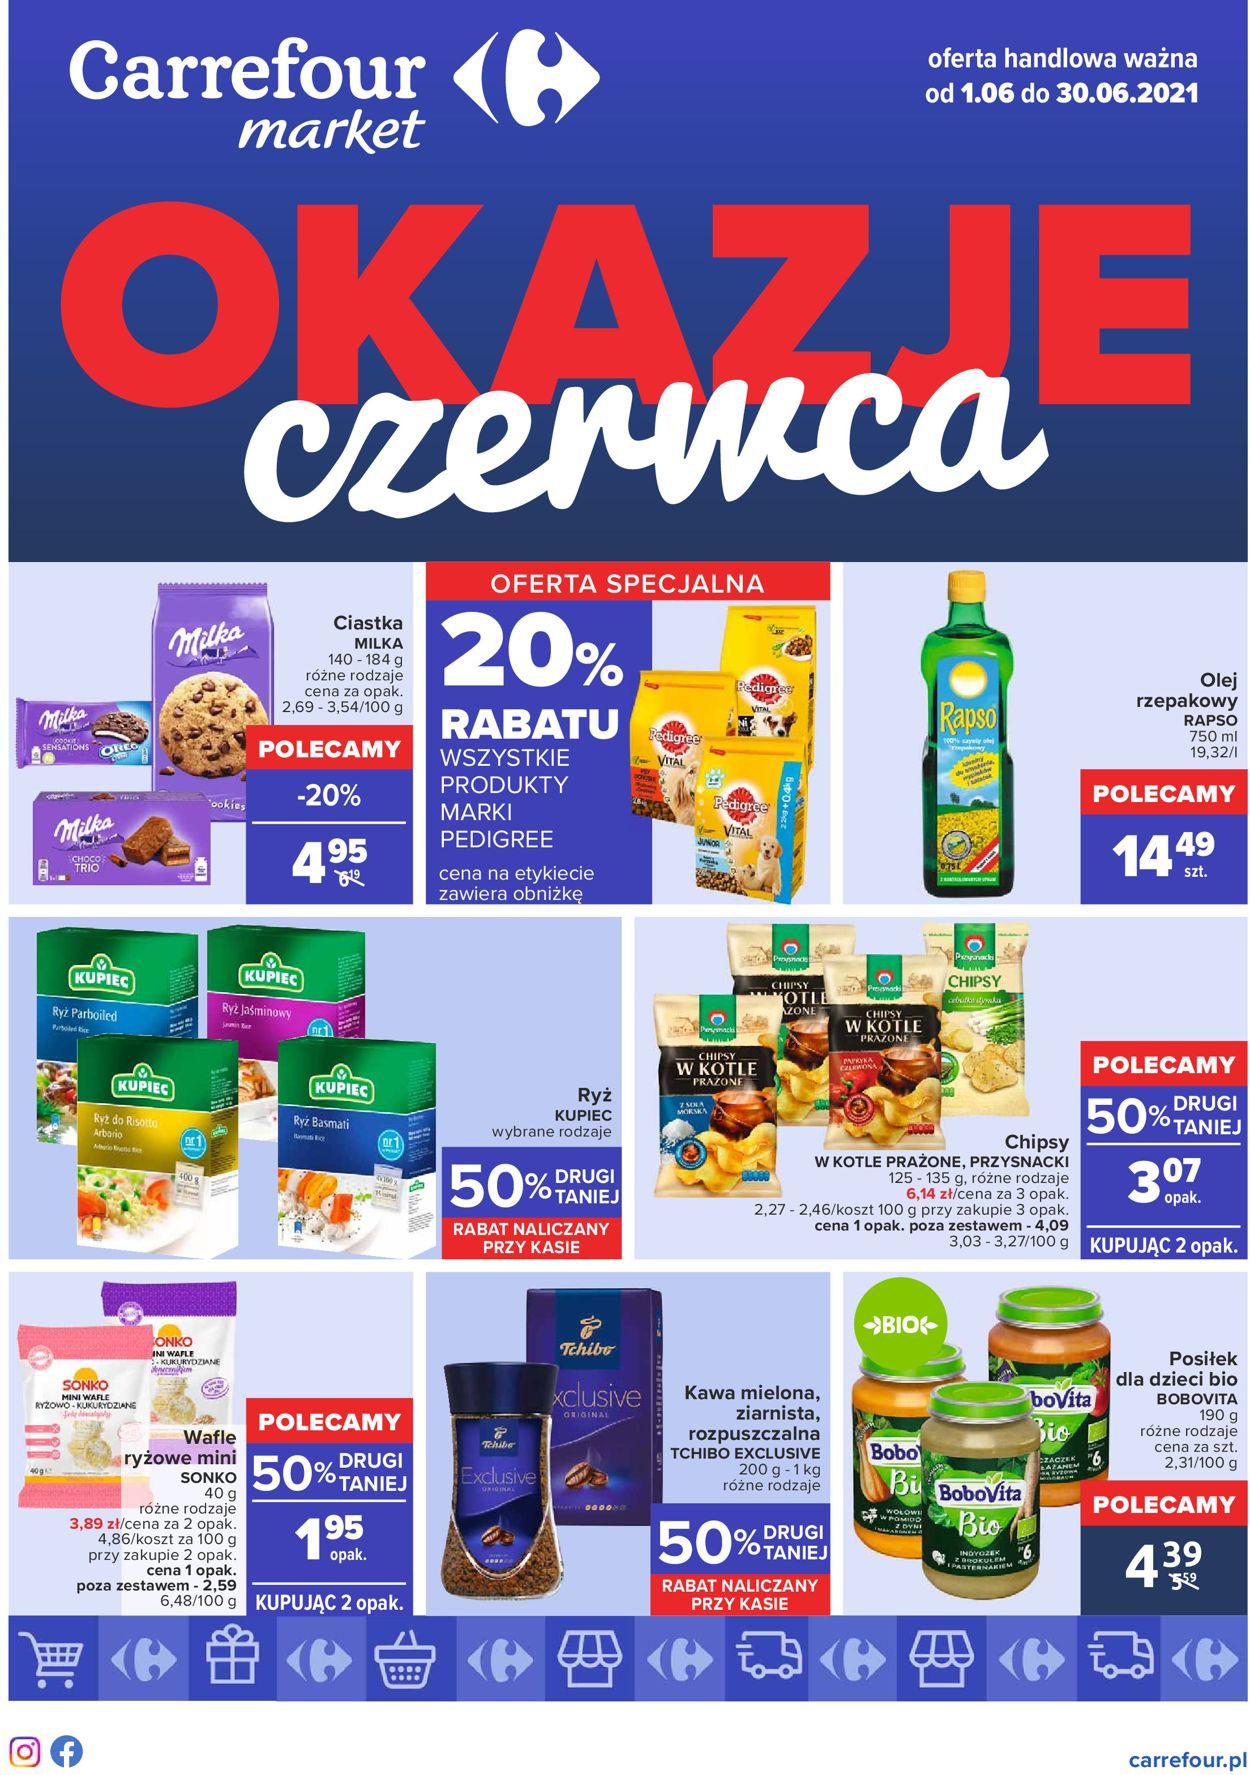 Gazetka promocyjna Carrefour - 01.06-30.06.2021